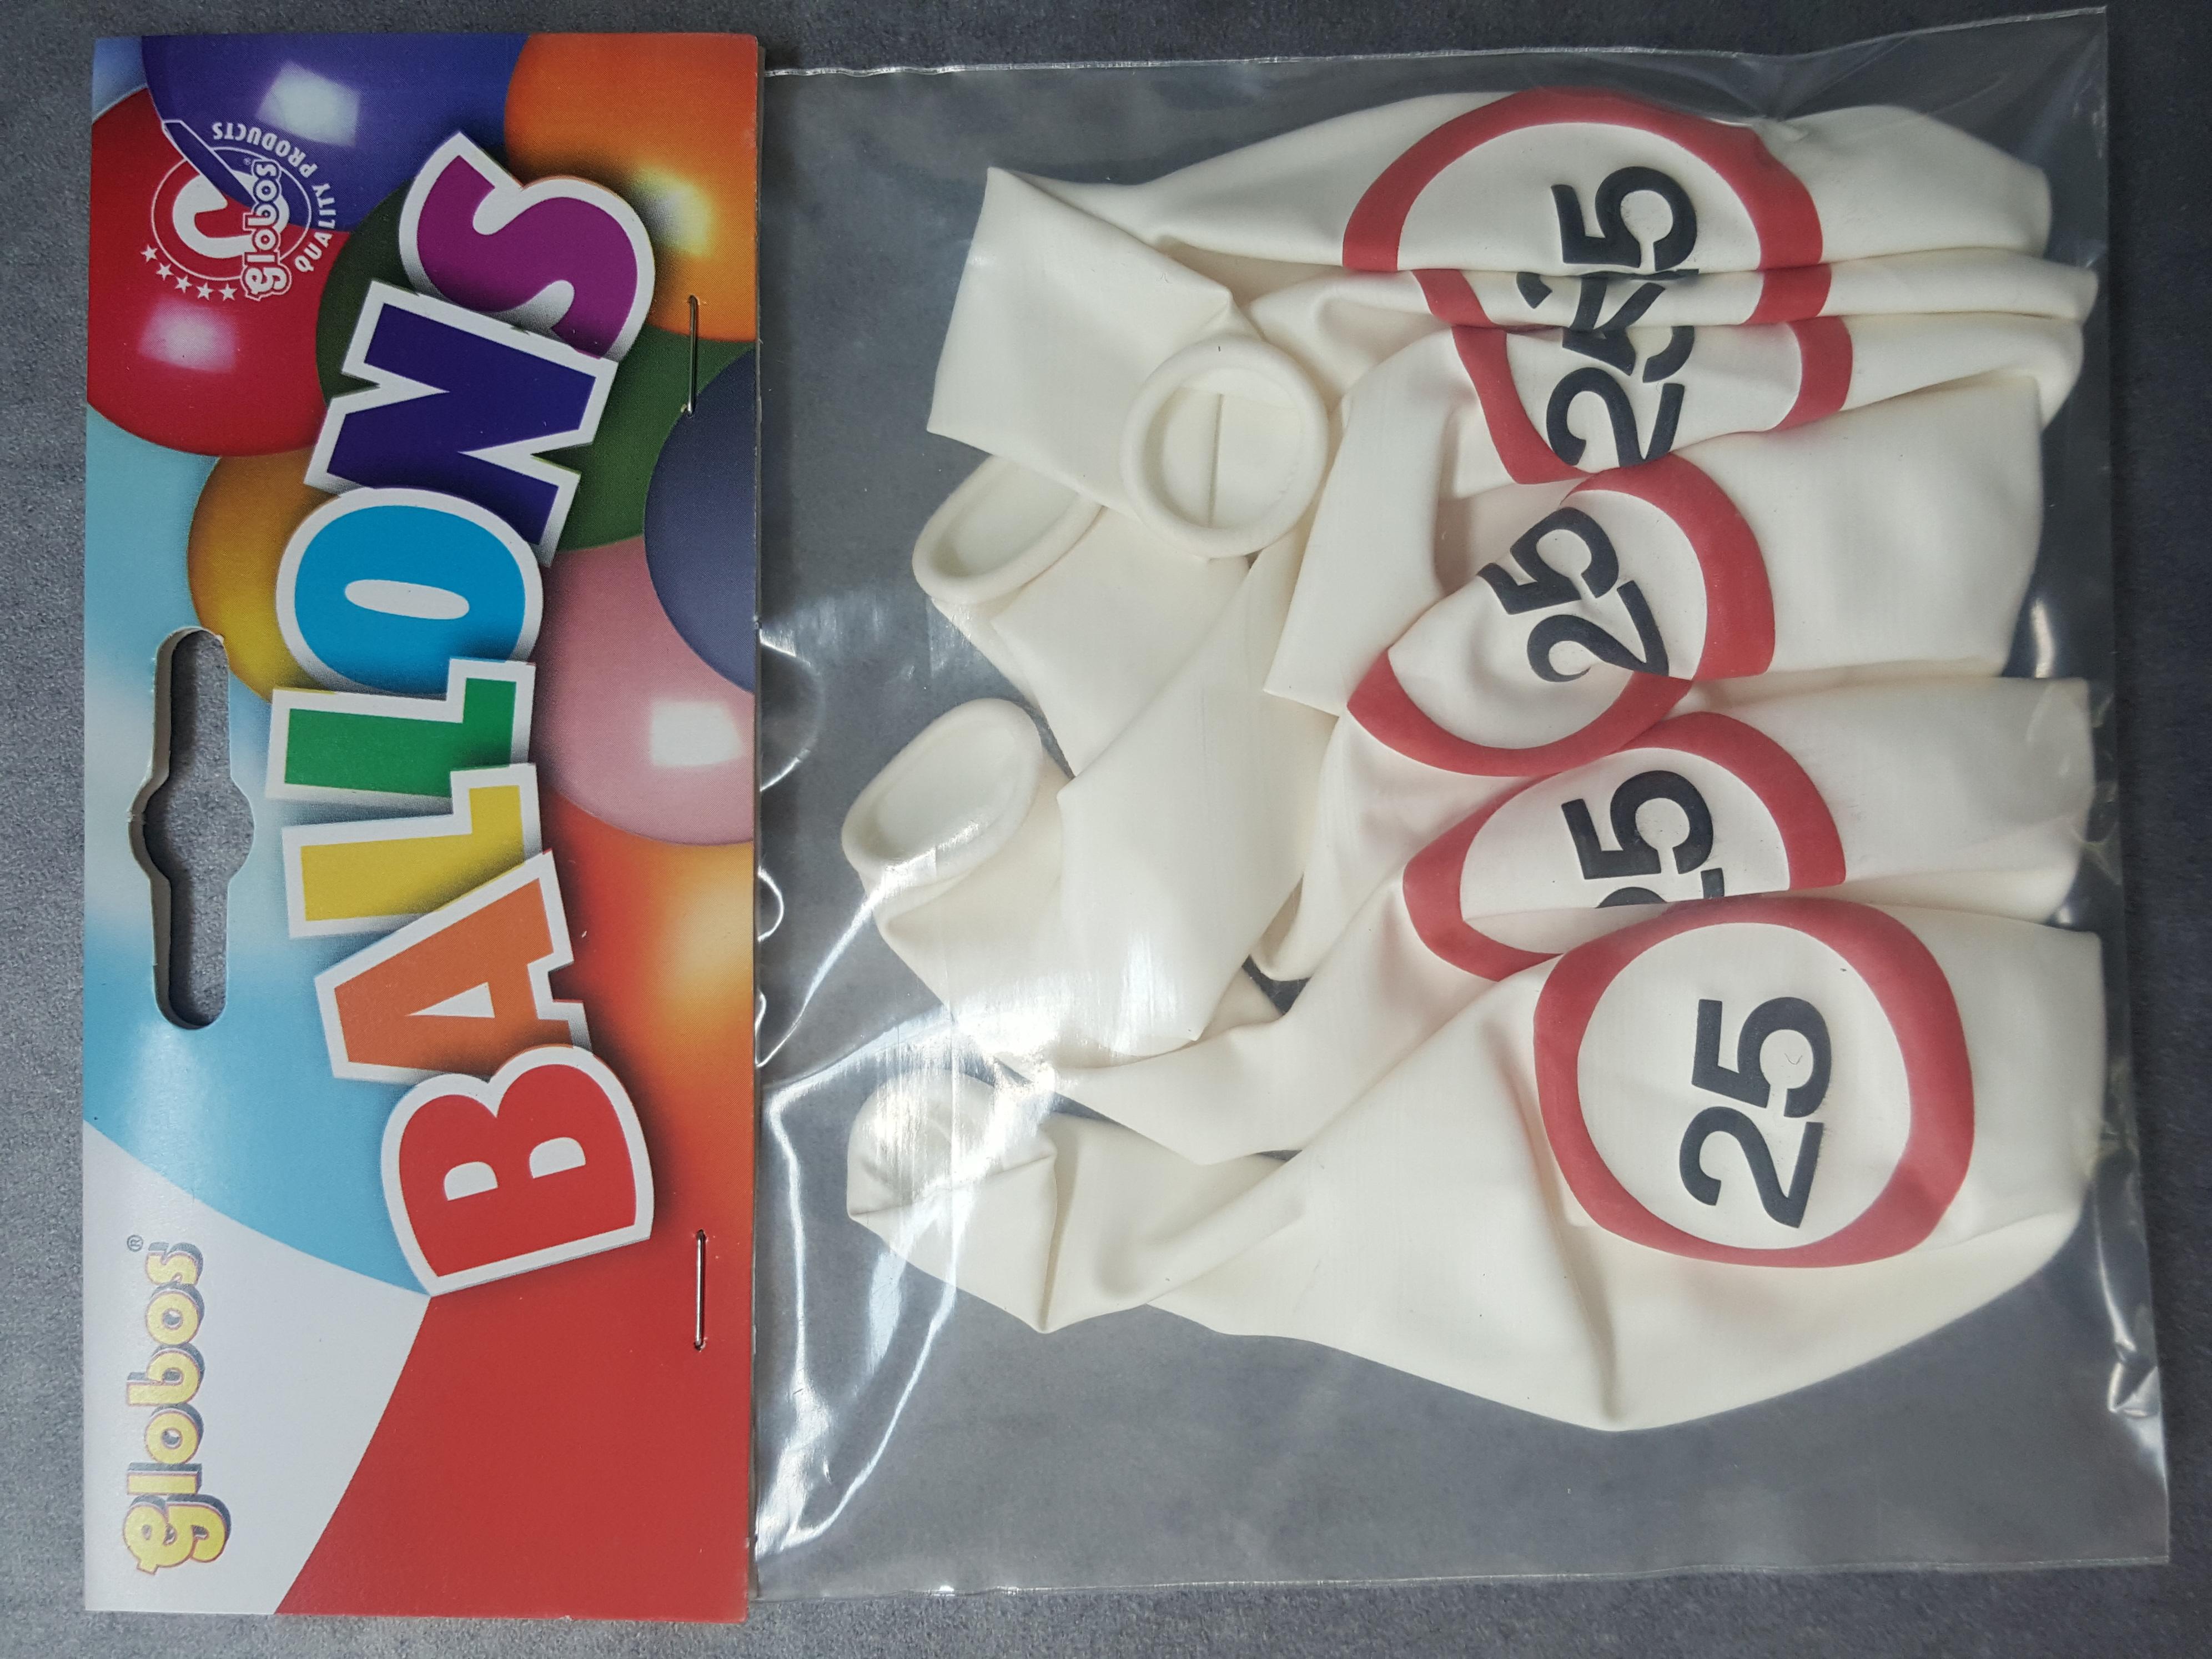 Traffic cijfer ballonnen